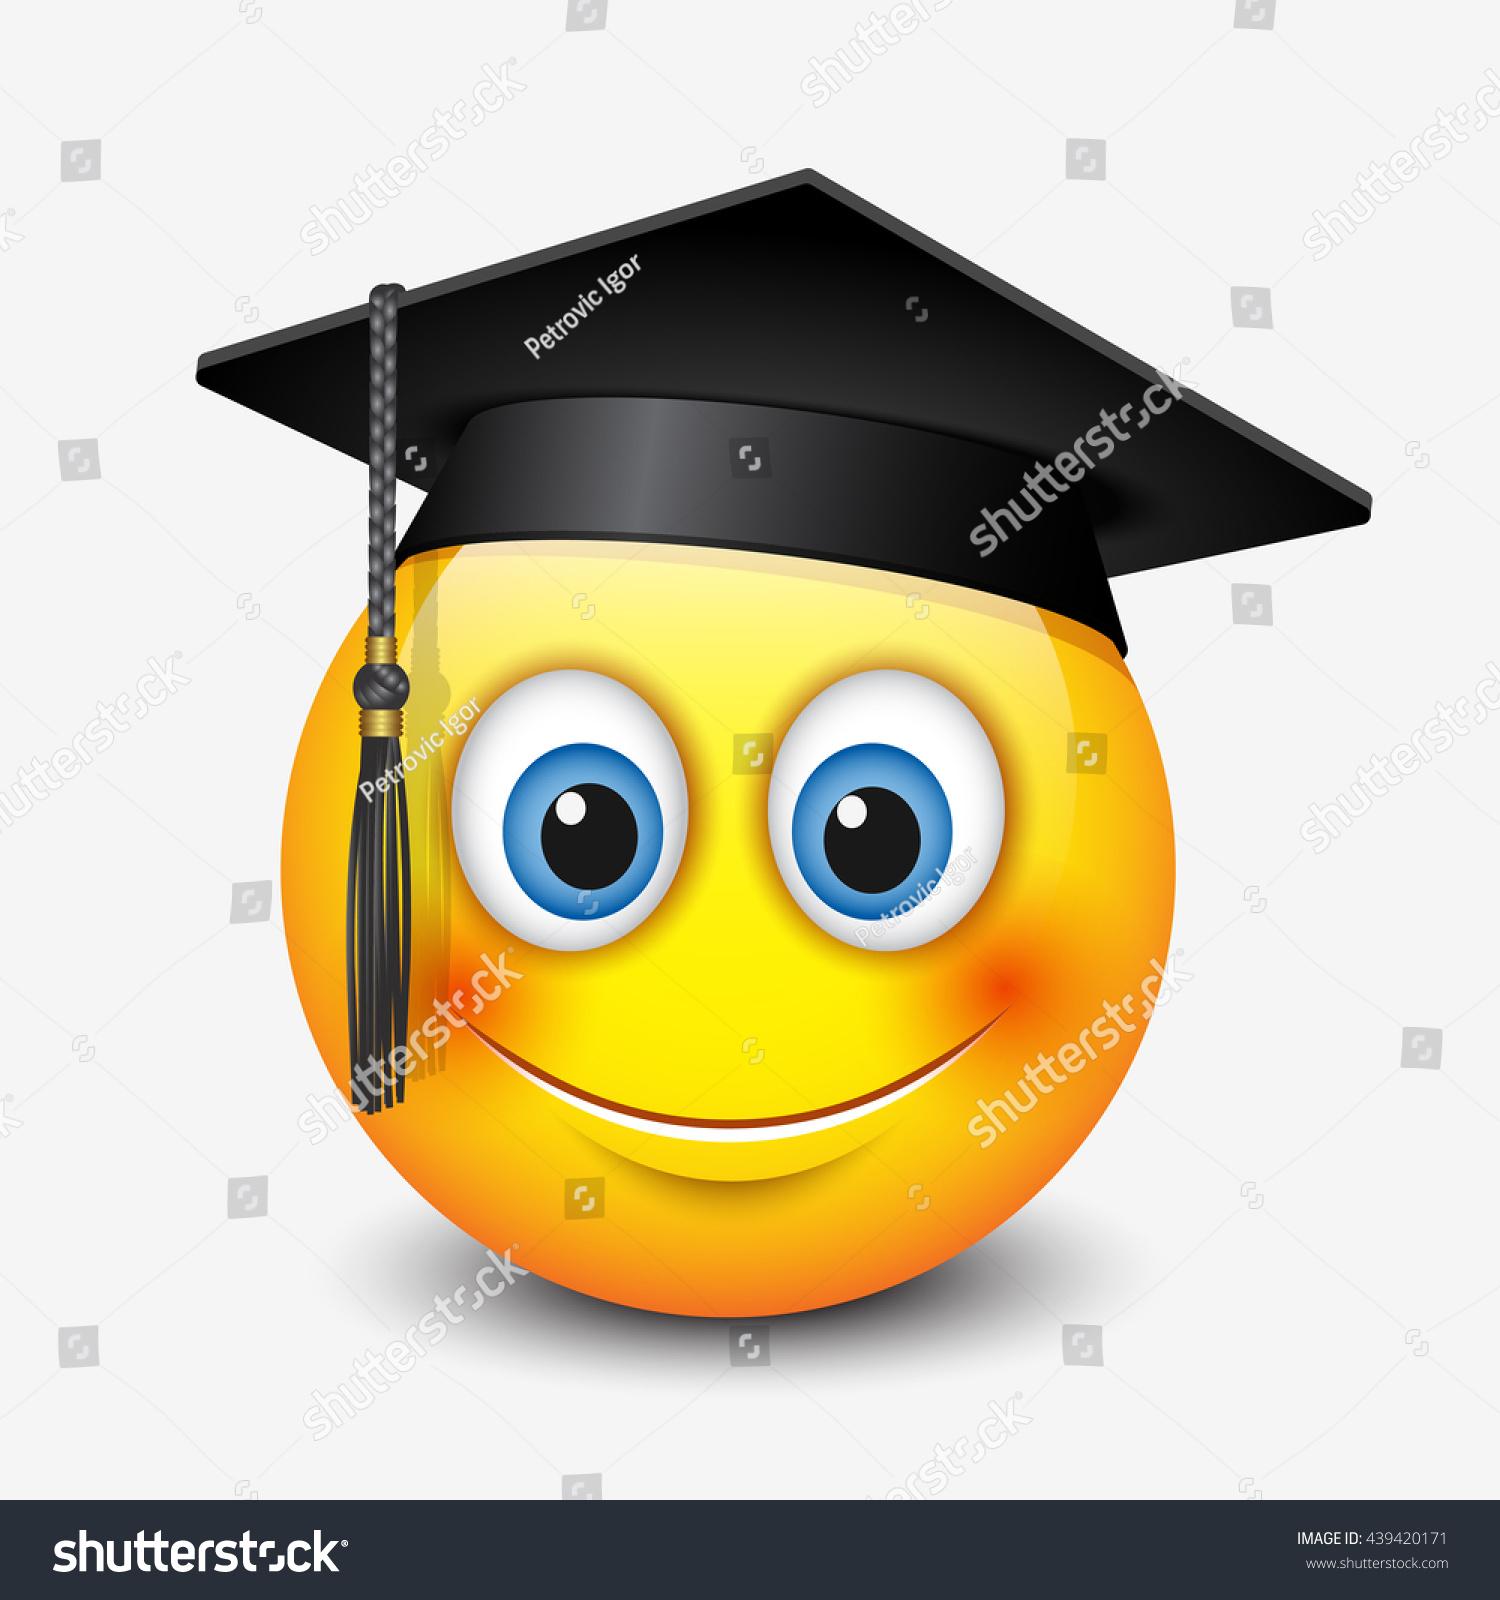 cute smiling emoticon wearing mortar board stock vector